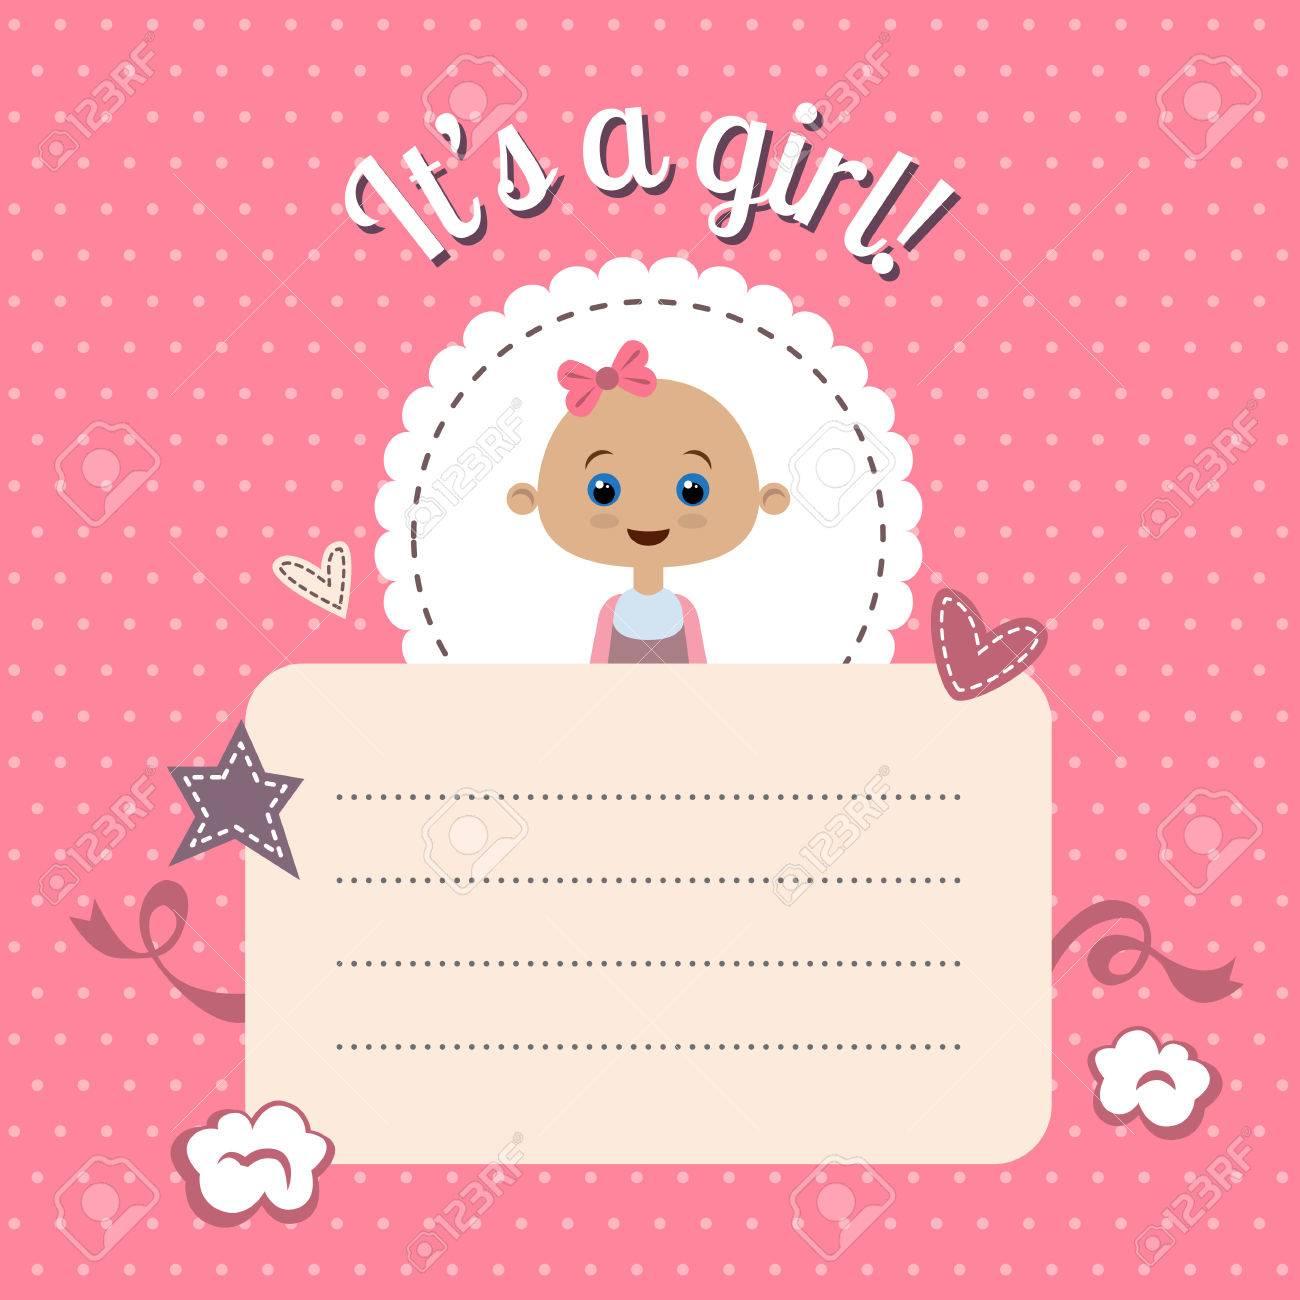 Invitación De La Ducha Del Bebé Linda Chica Nueva Tarjeta De Baby Shower Es Una Niña Vector Plantilla De Diseño Con Espacio Para El Texto